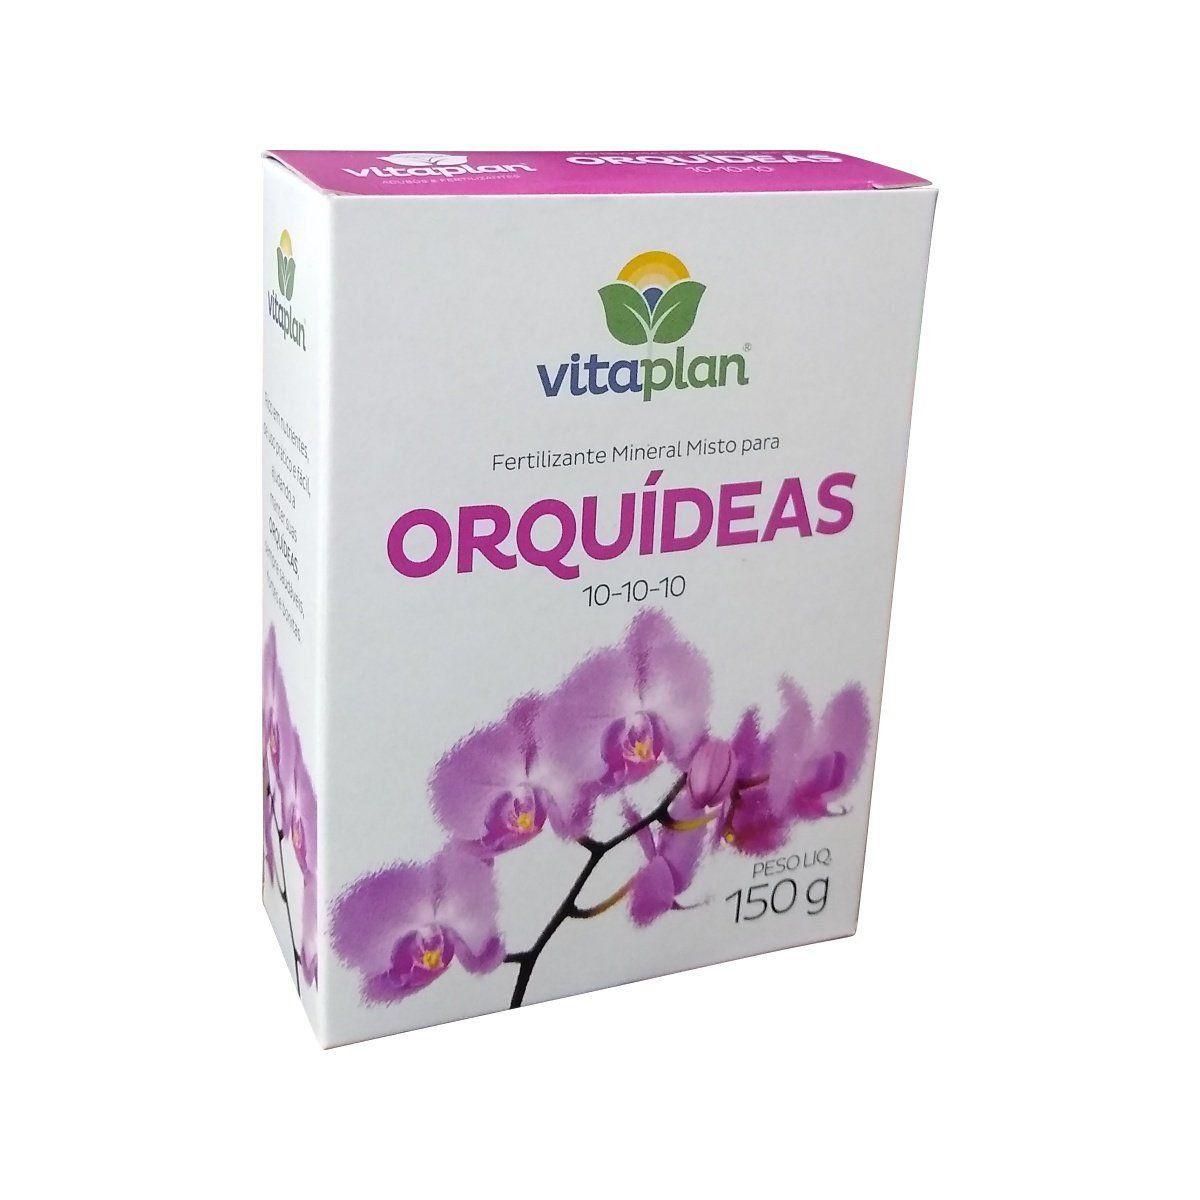 Fertilizante Orquídeas 10-10-10 150g Vitaplan